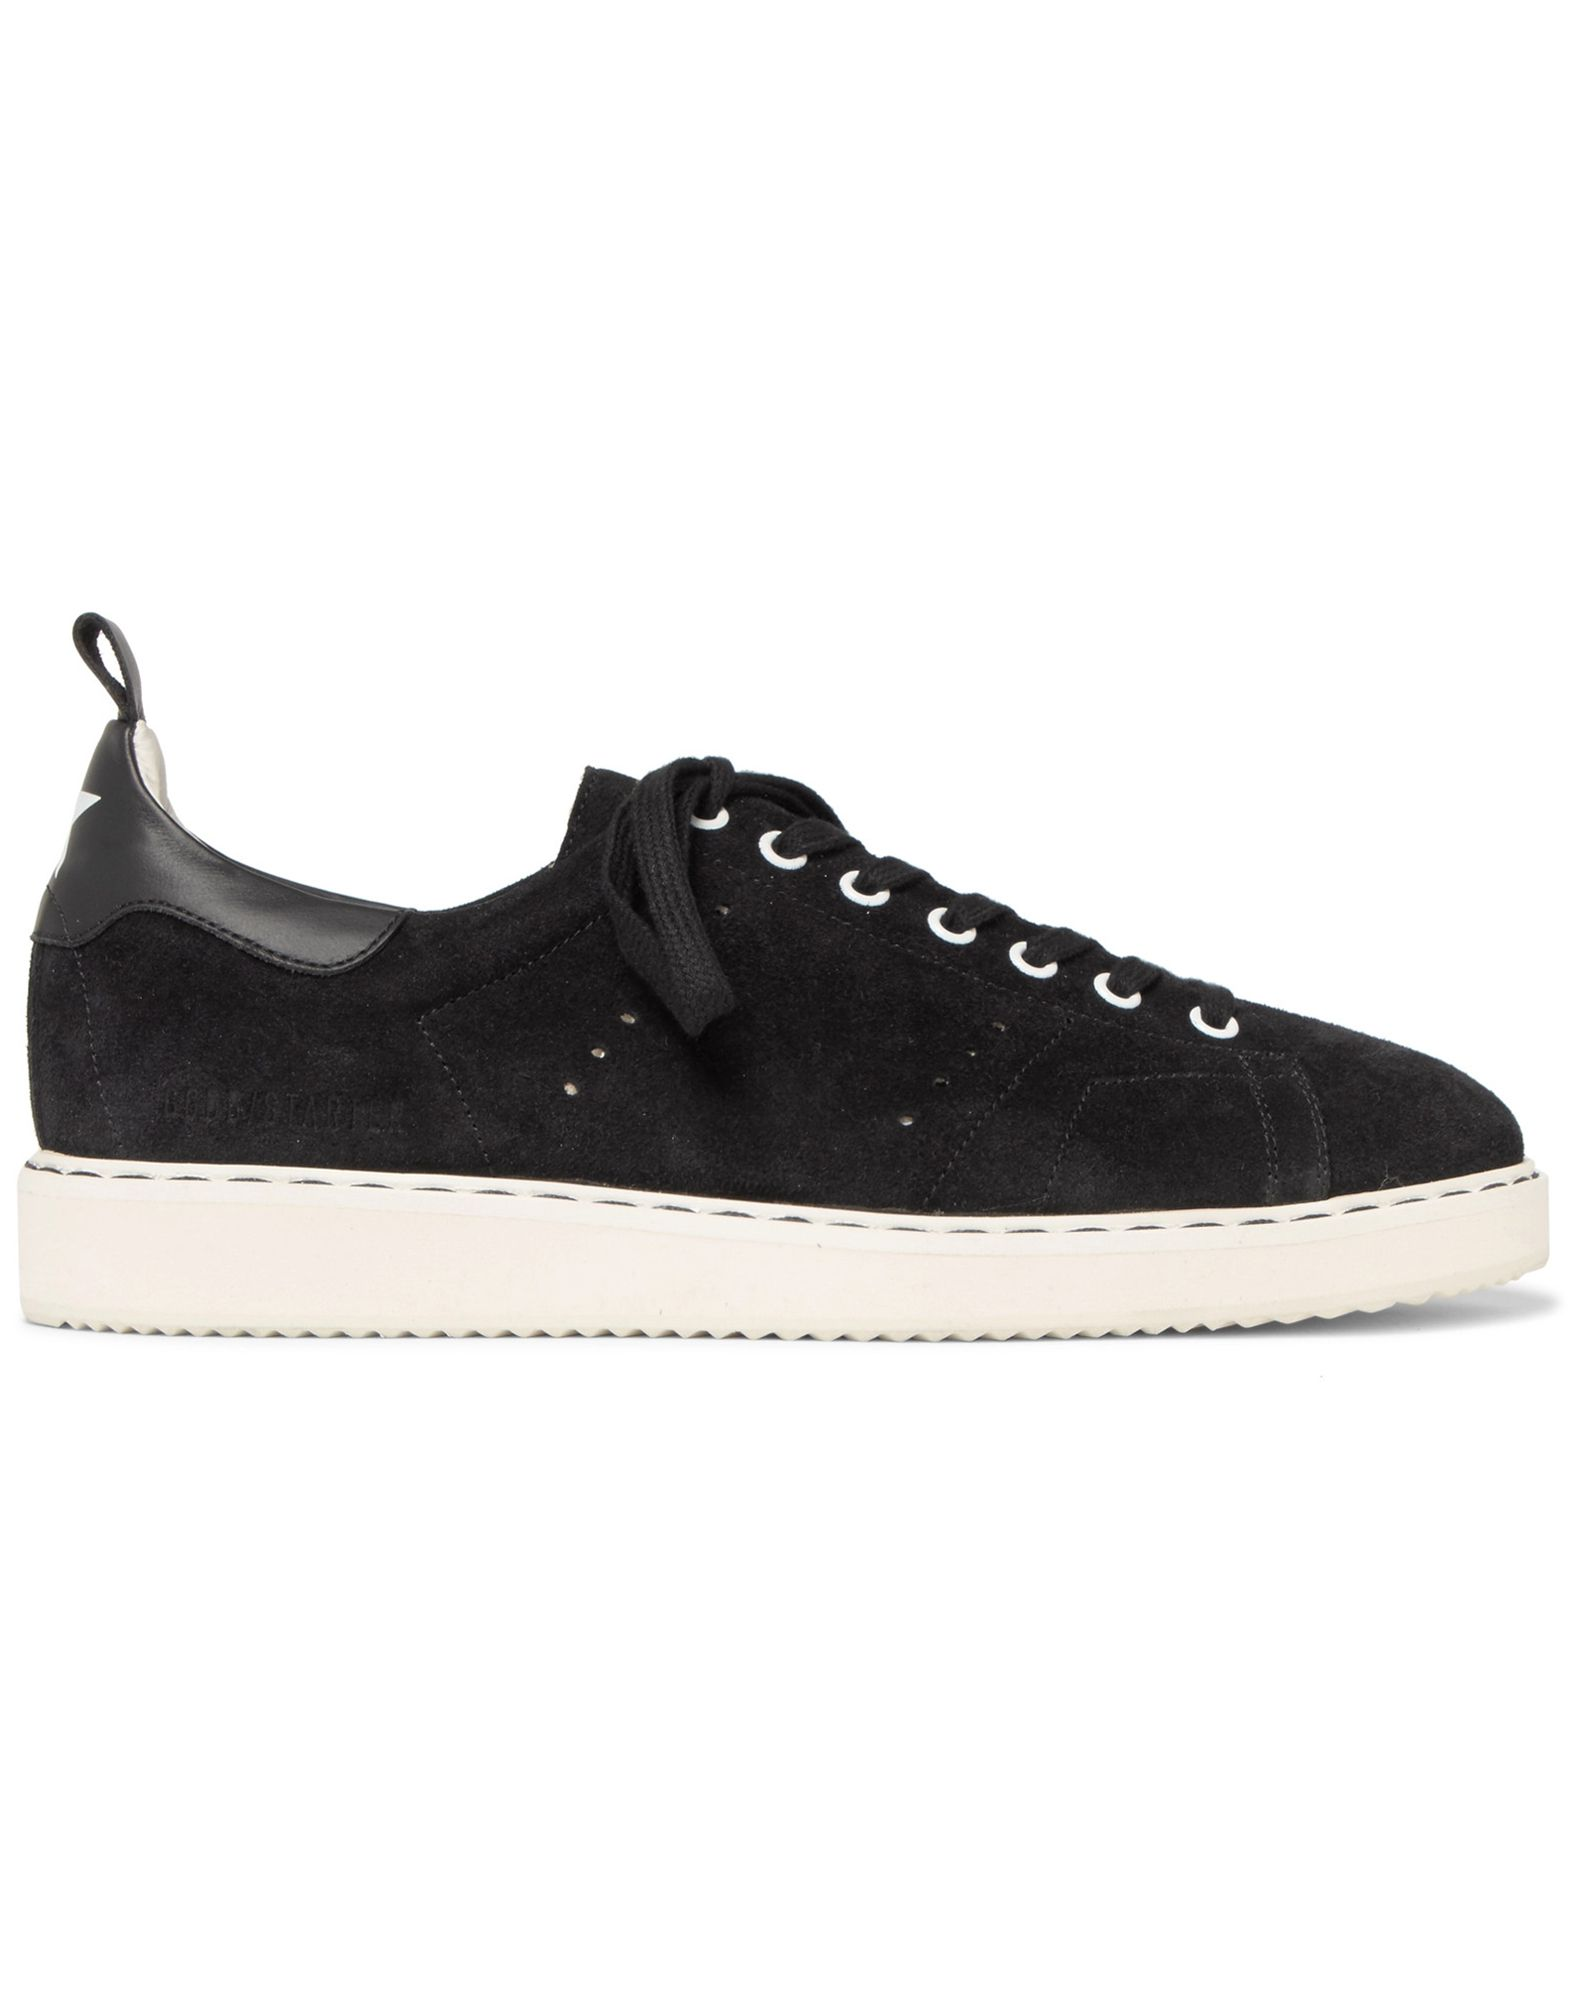 Golden Goose Deluxe Brand Sneakers Herren  11539624HJ Gute Qualität beliebte Schuhe